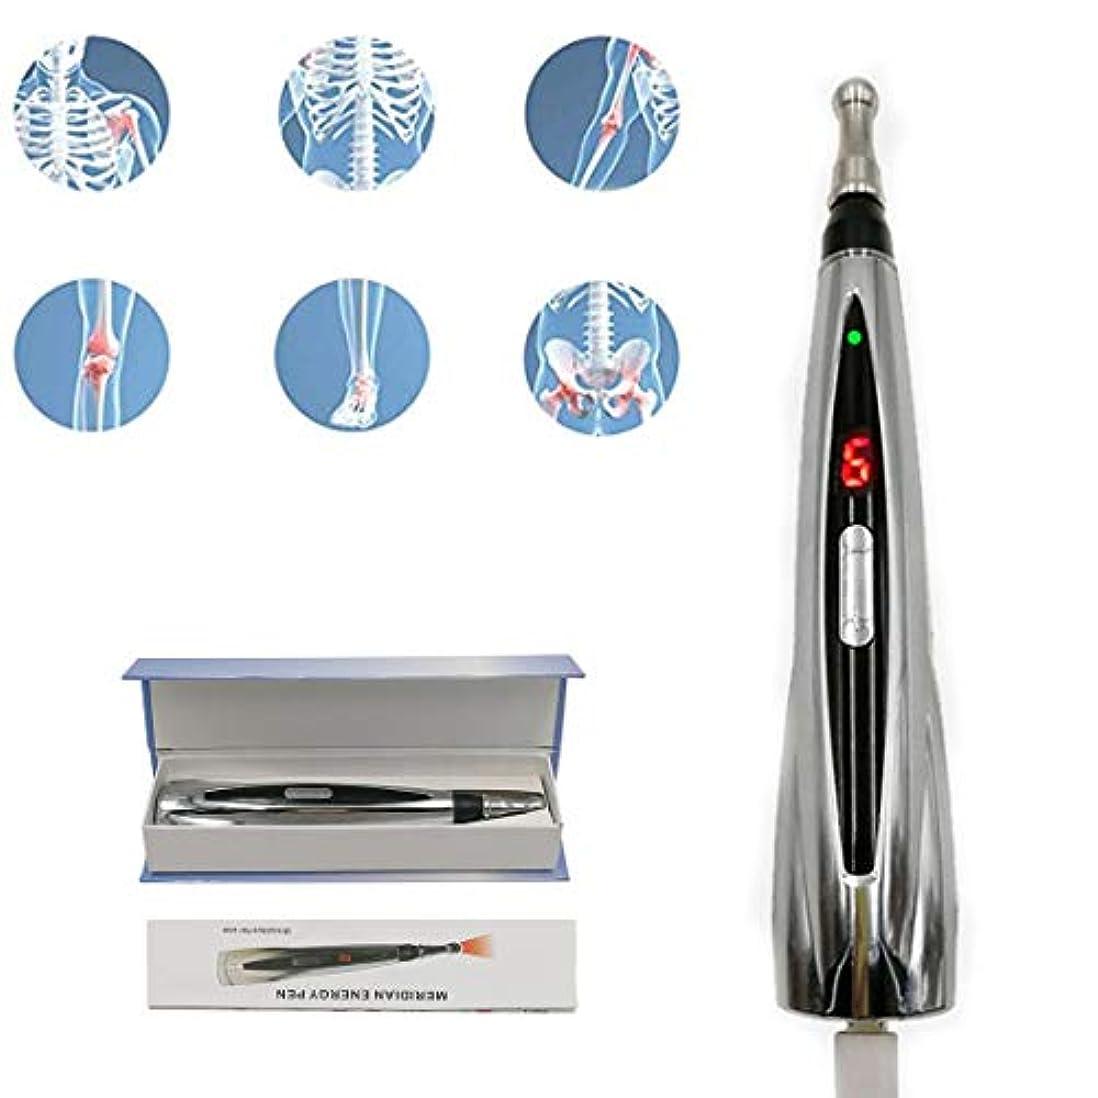 枠対処する続編レーザーメリディアンペン、鍼治療用のUSB充電メリディアンペン痛みのポイント痛みのストレス緩和のために調整可能な9種類の力17.5cm * 3cmシルバー